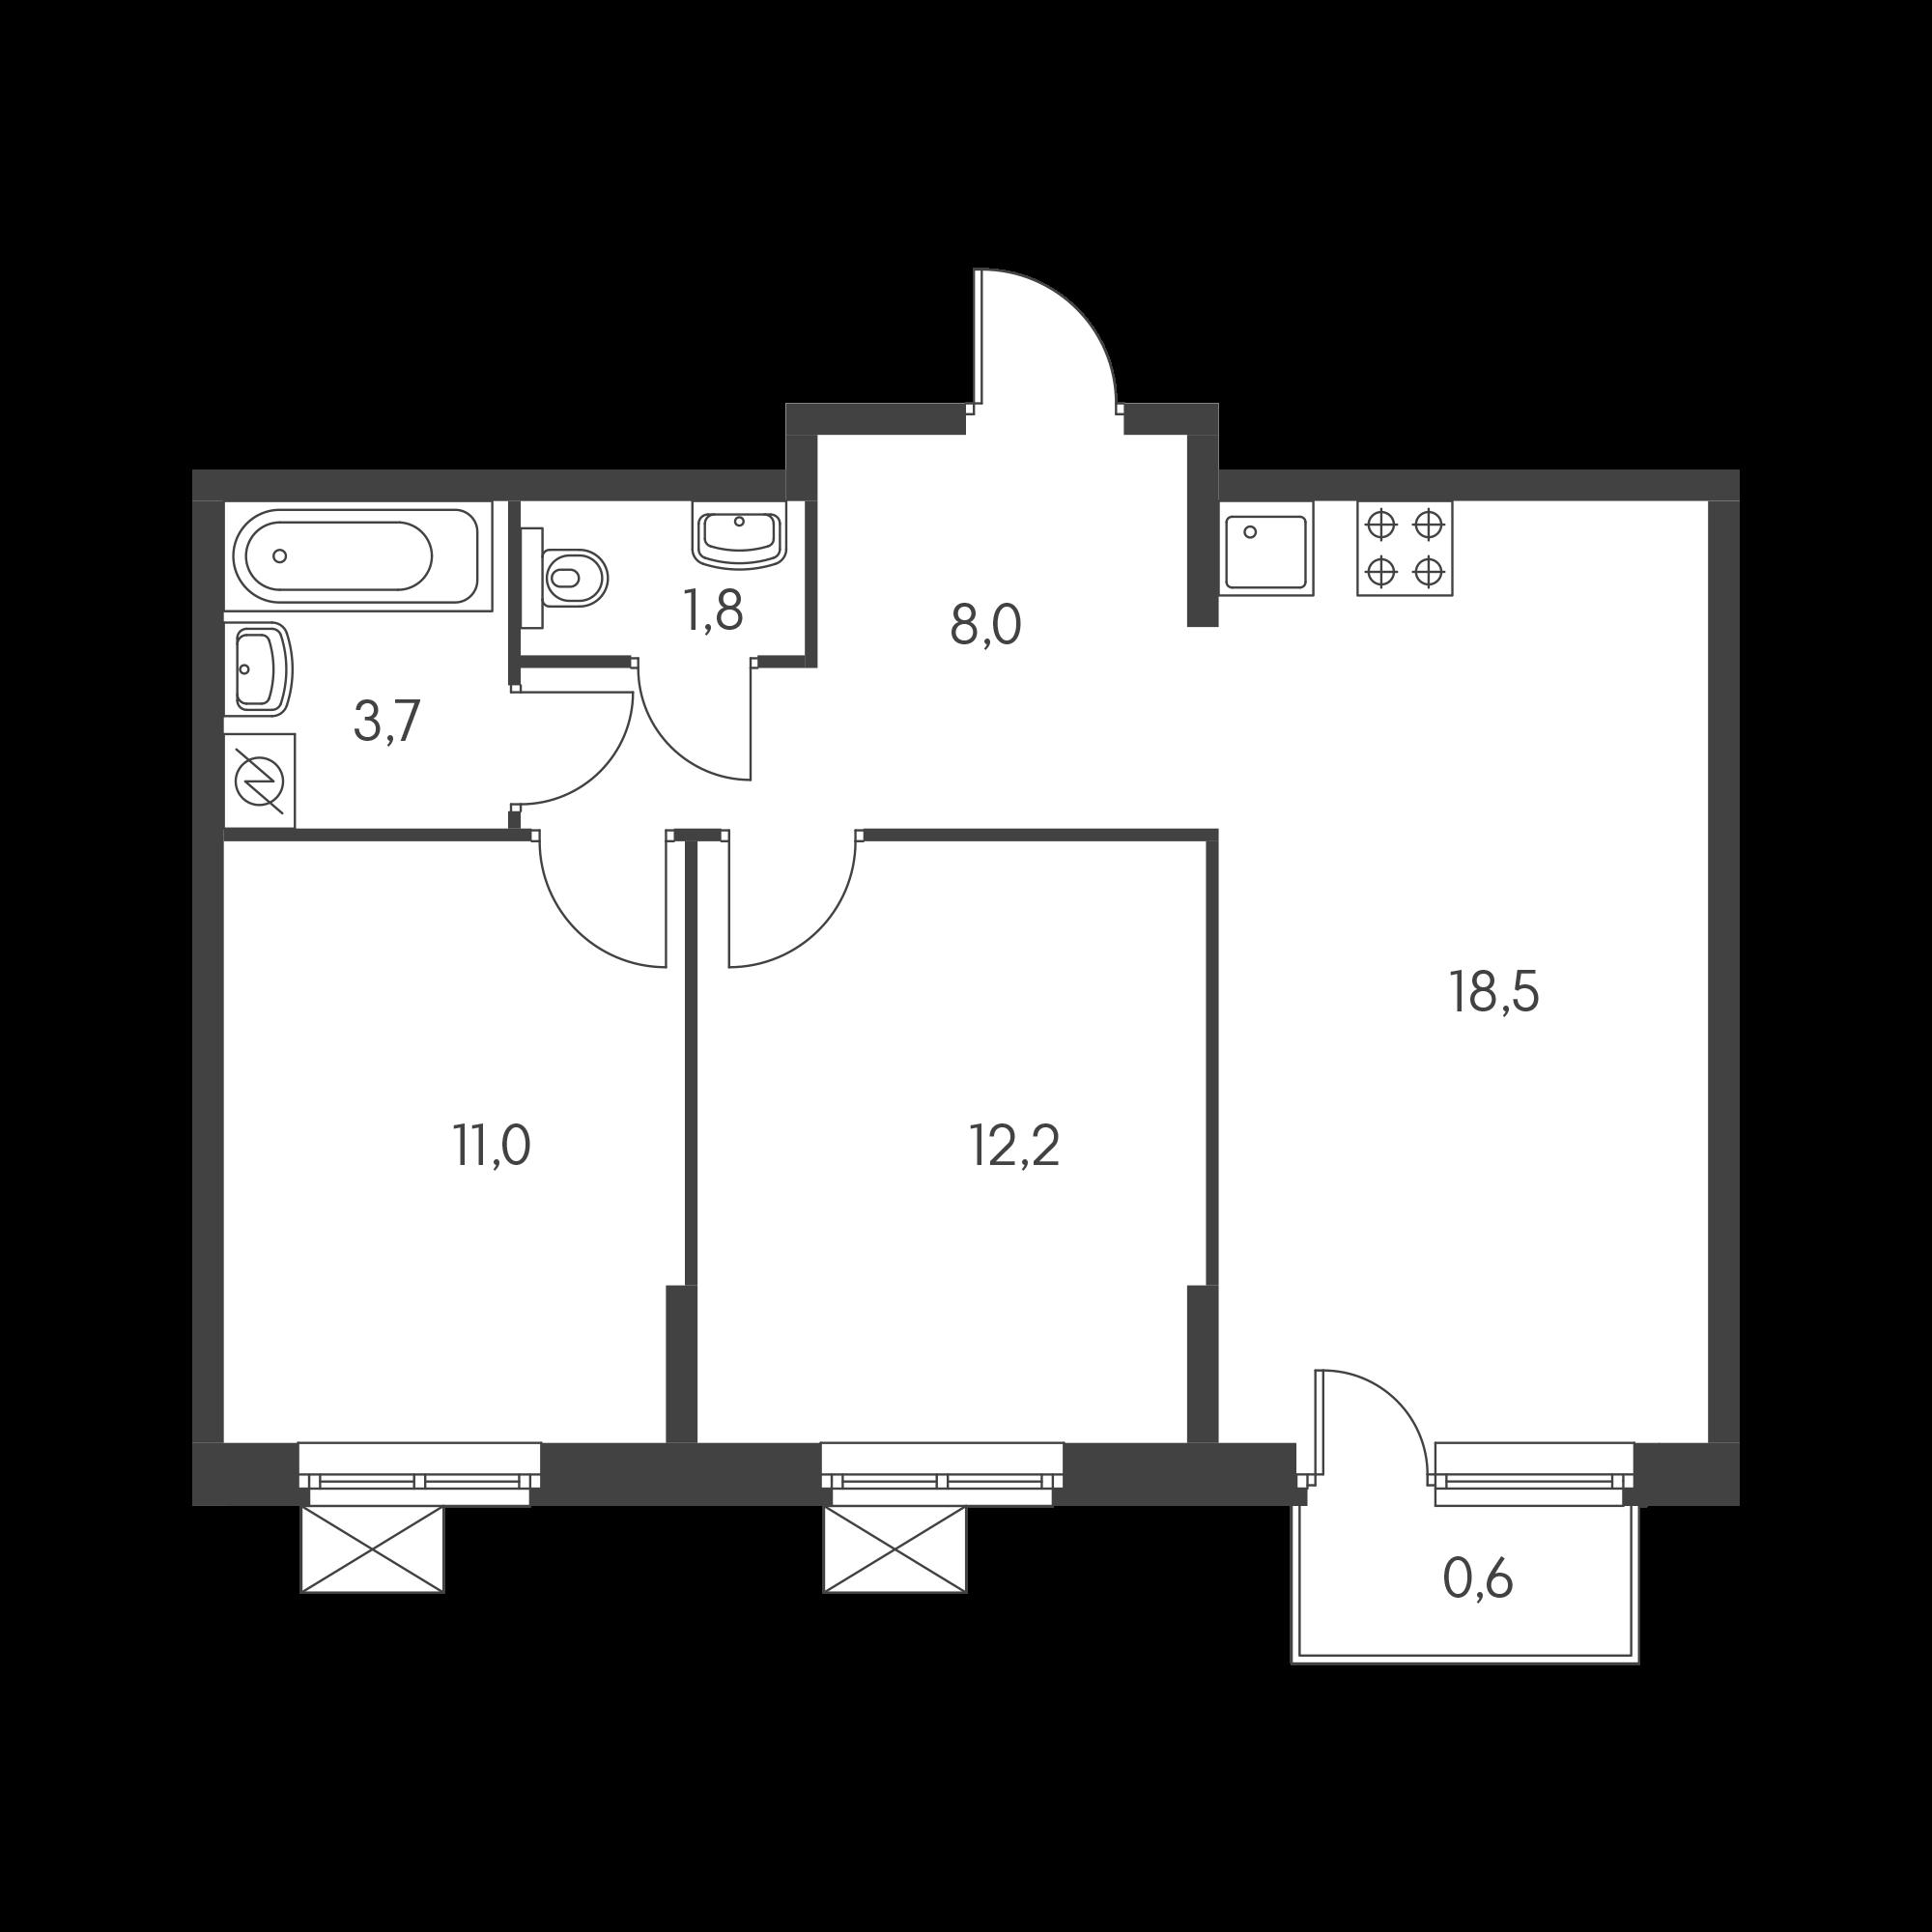 2EM1.02_B2*